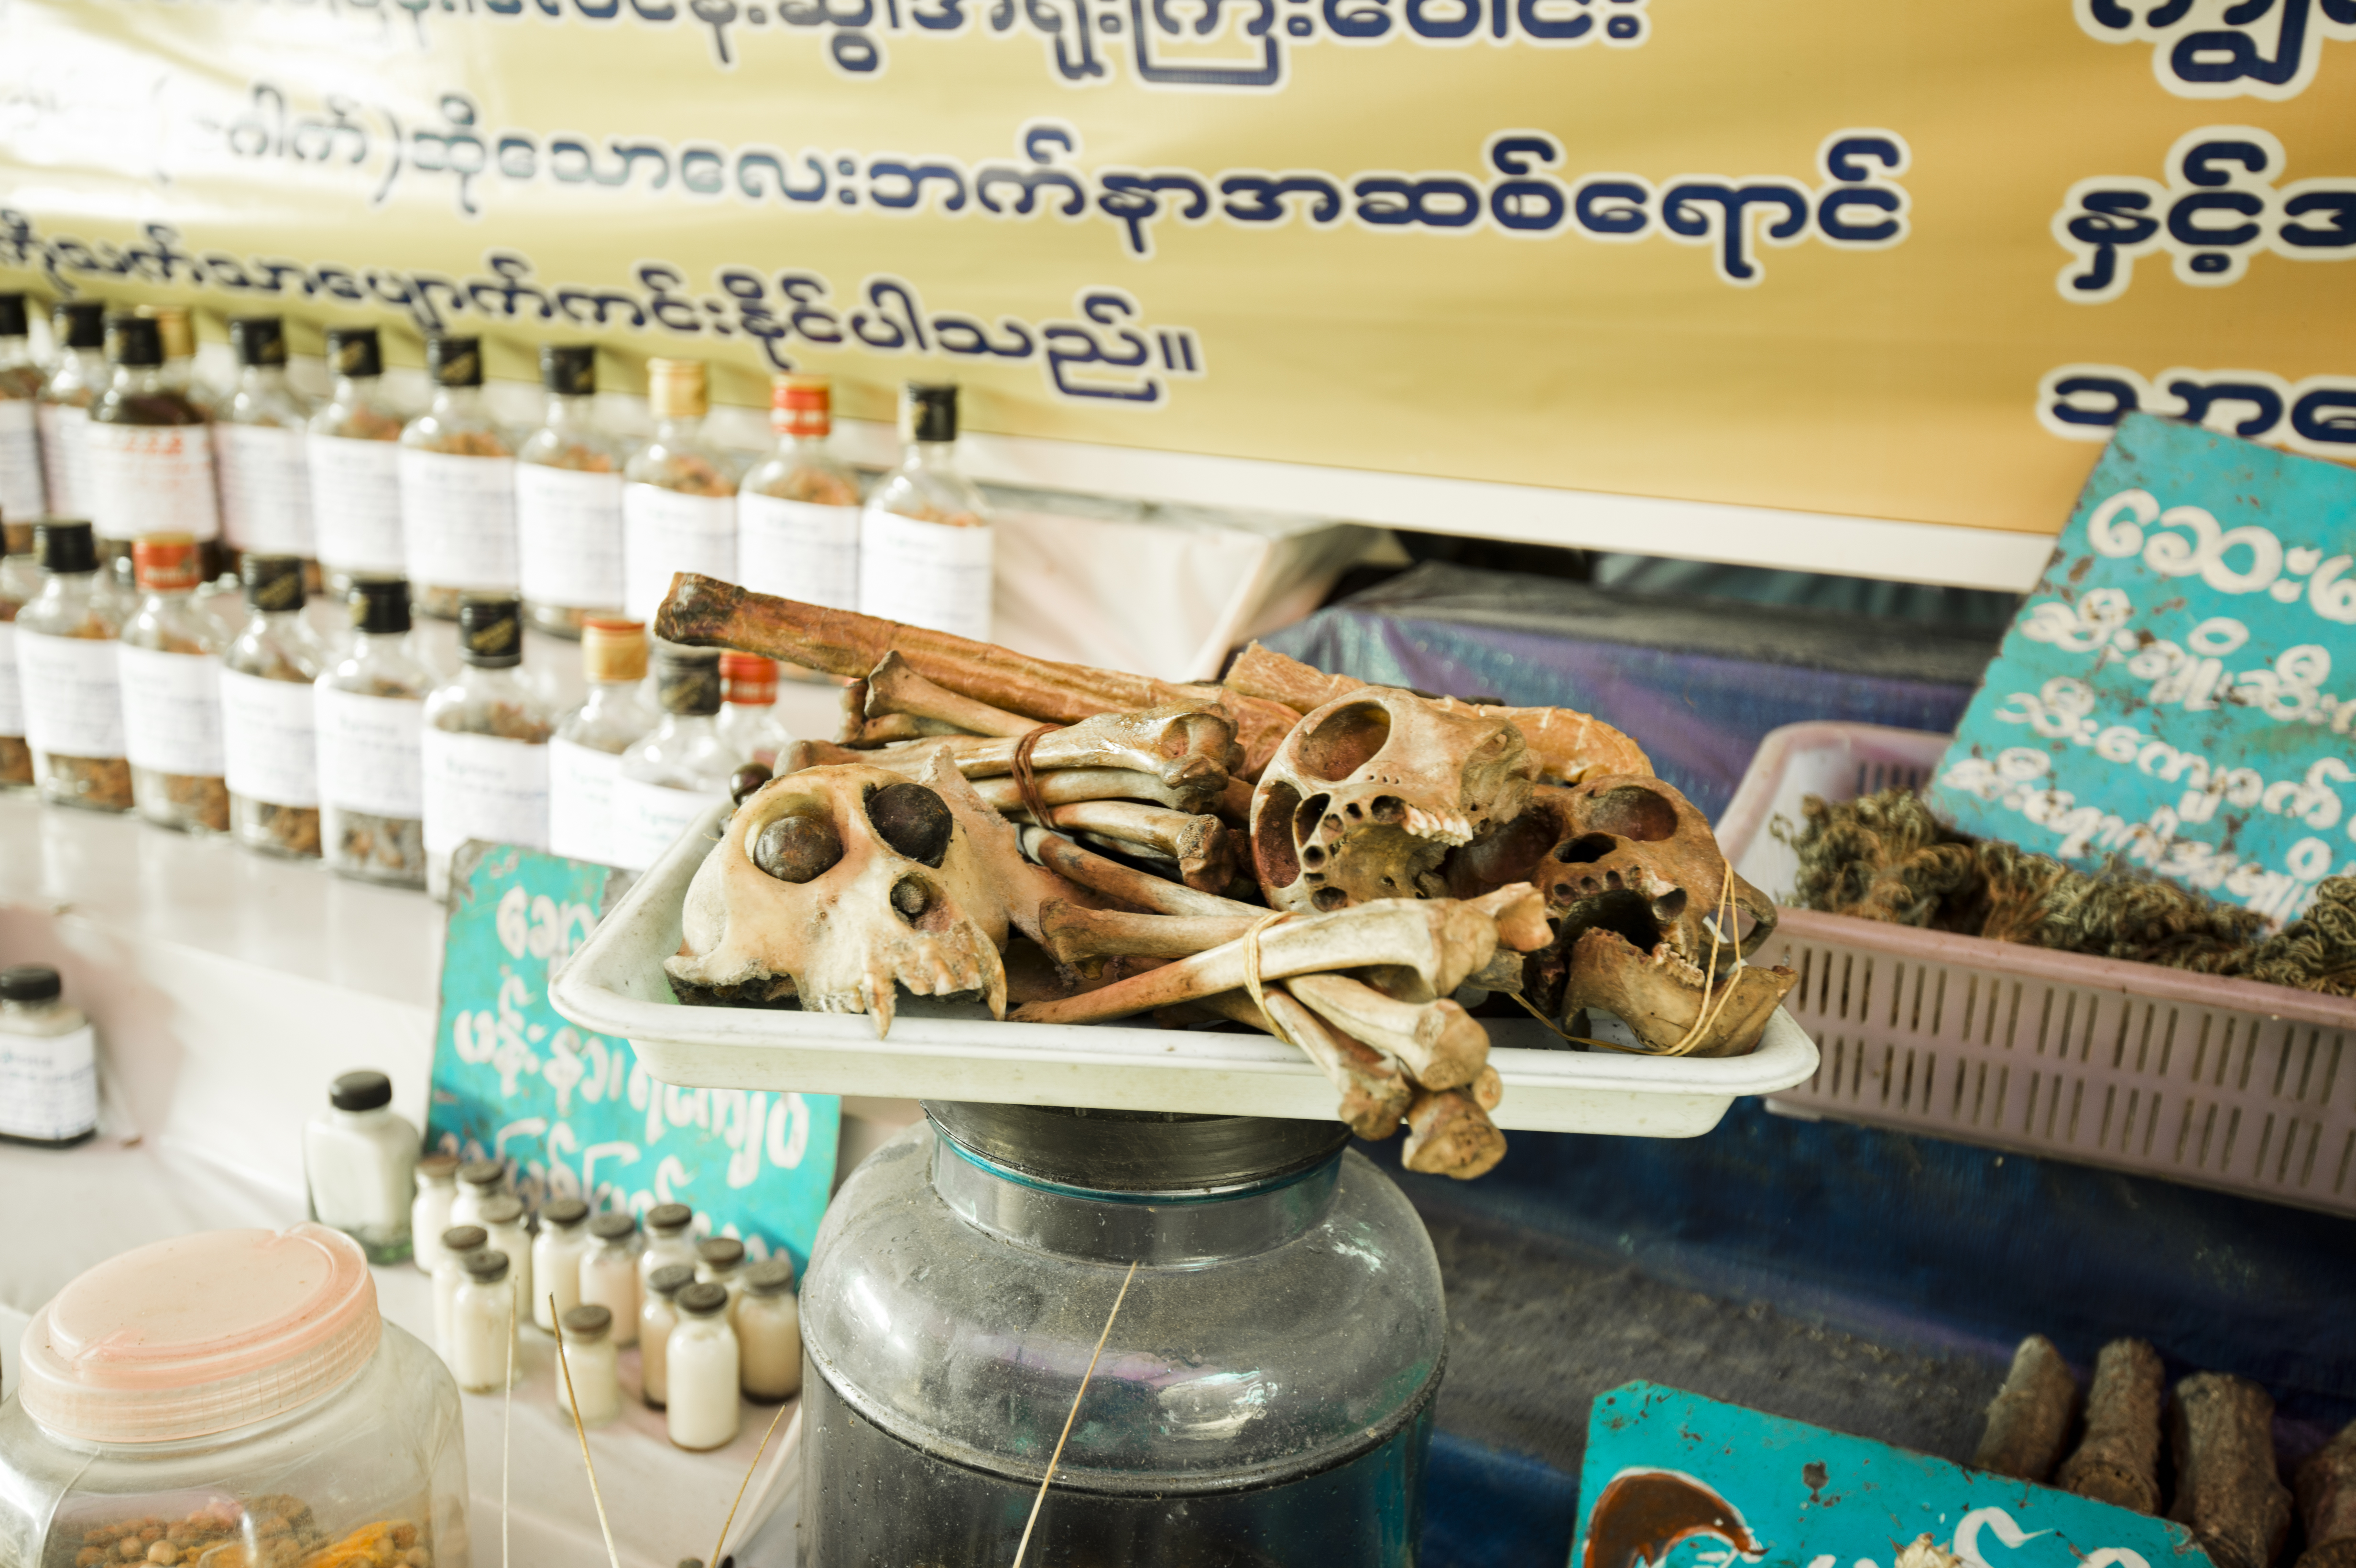 Burmese medicine